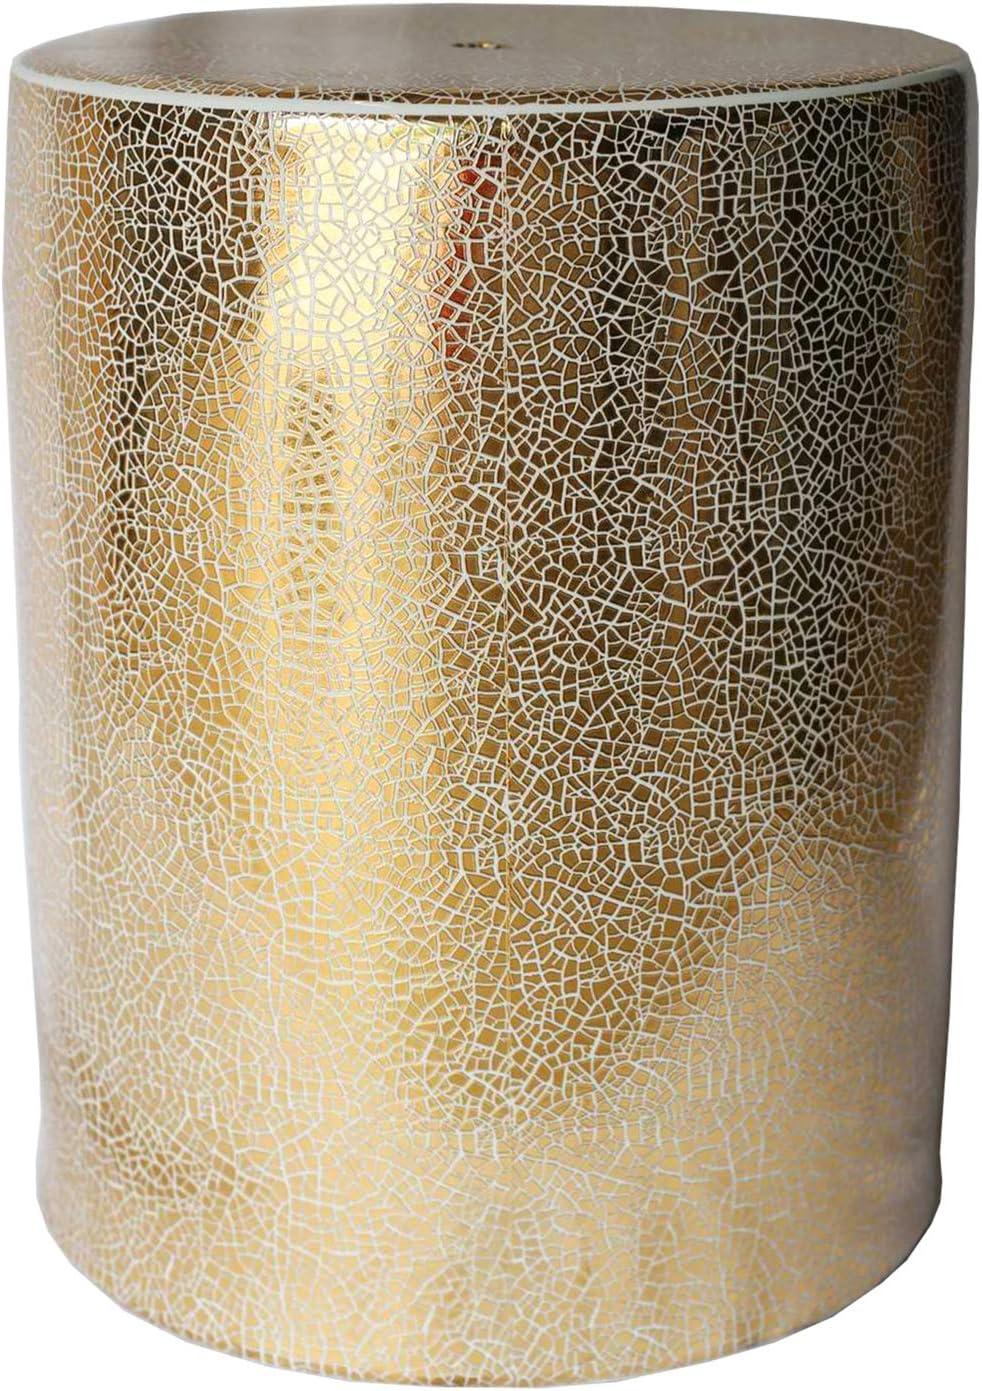 """Sagebrook Home 13168-01 Ceramic Garden Stool, 13.5"""" x 13.5"""" x 18"""", White/Gold"""